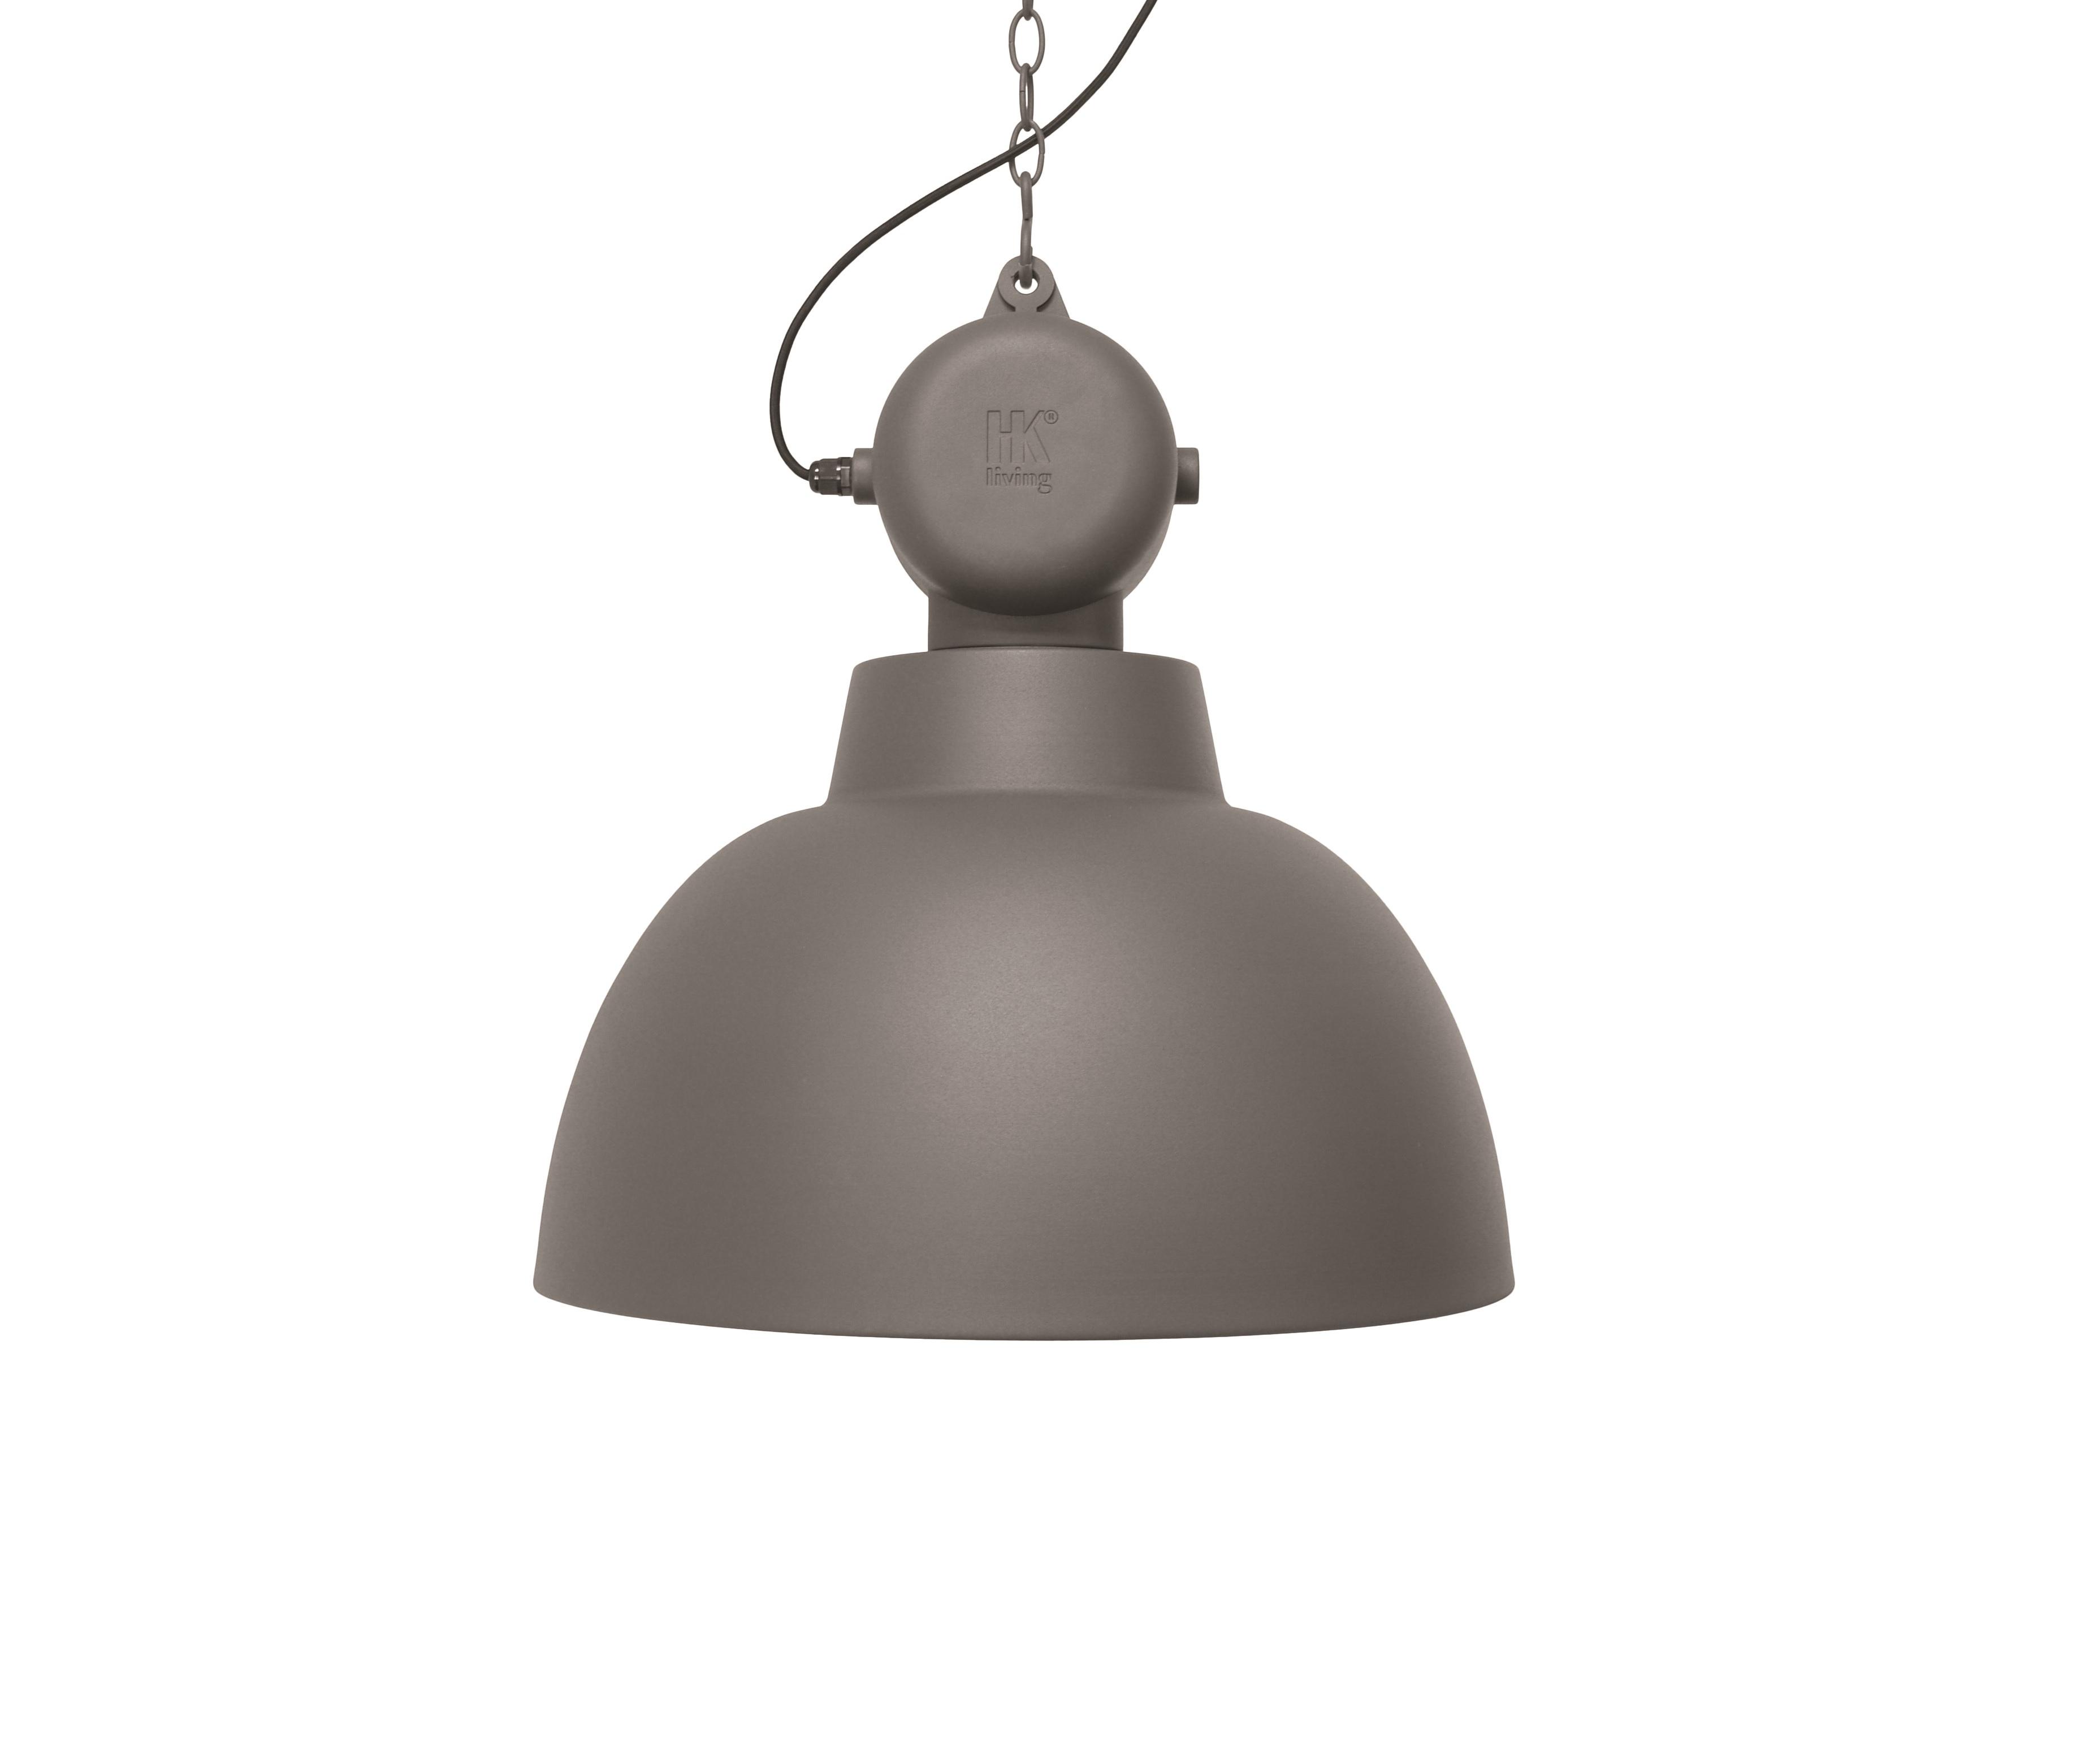 Лампа FACTORYПодвесные светильники<br>Индустриальный светильник в новом исполнении. Глубокий серый цвет. Черный шнур + металлическая цепь длиной 2 м.&amp;lt;div&amp;gt;&amp;lt;br&amp;gt;&amp;lt;/div&amp;gt;&amp;lt;div&amp;gt;Вид цоколя: Е27&amp;lt;/div&amp;gt;&amp;lt;div&amp;gt;Мощность: 60W&amp;lt;/div&amp;gt;&amp;lt;div&amp;gt;Количество ламп: 1&amp;lt;/div&amp;gt;<br><br>Material: Металл<br>Высота см: 55.0